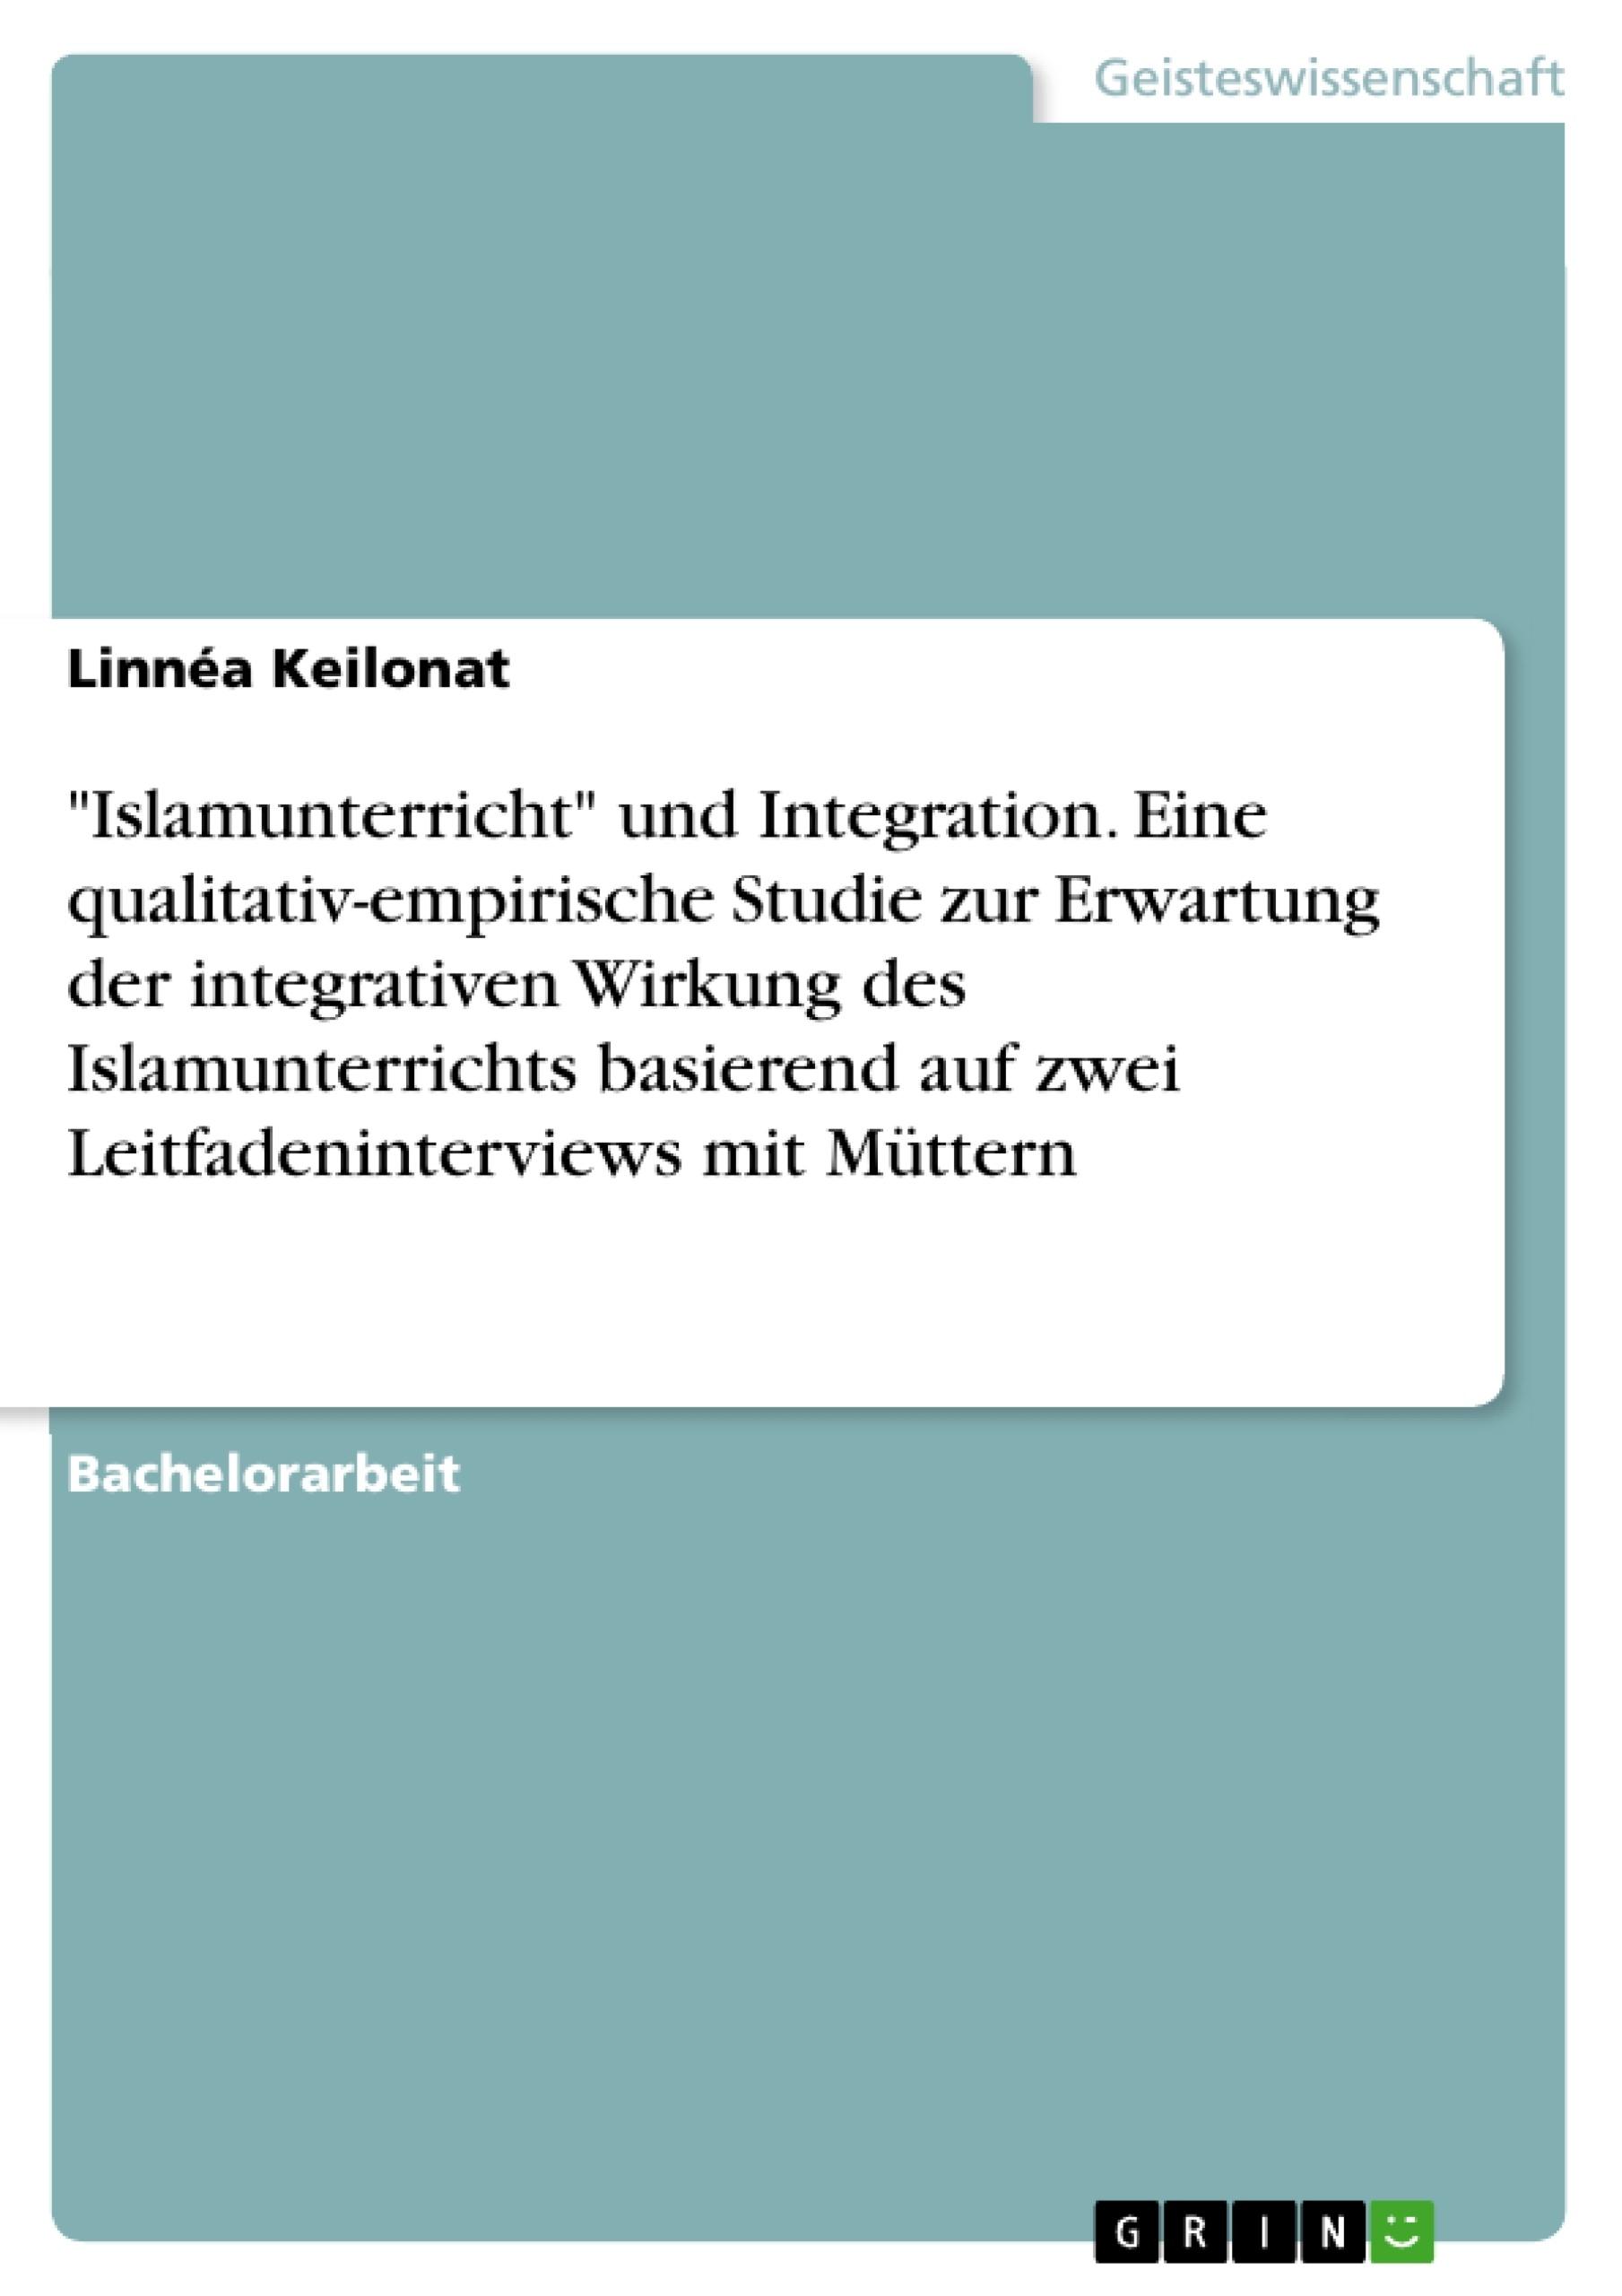 """Titel: """"Islamunterricht"""" und Integration. Eine qualitativ-empirische Studie zur Erwartung der integrativen Wirkung des Islamunterrichts basierend auf zwei Leitfadeninterviews mit Müttern"""